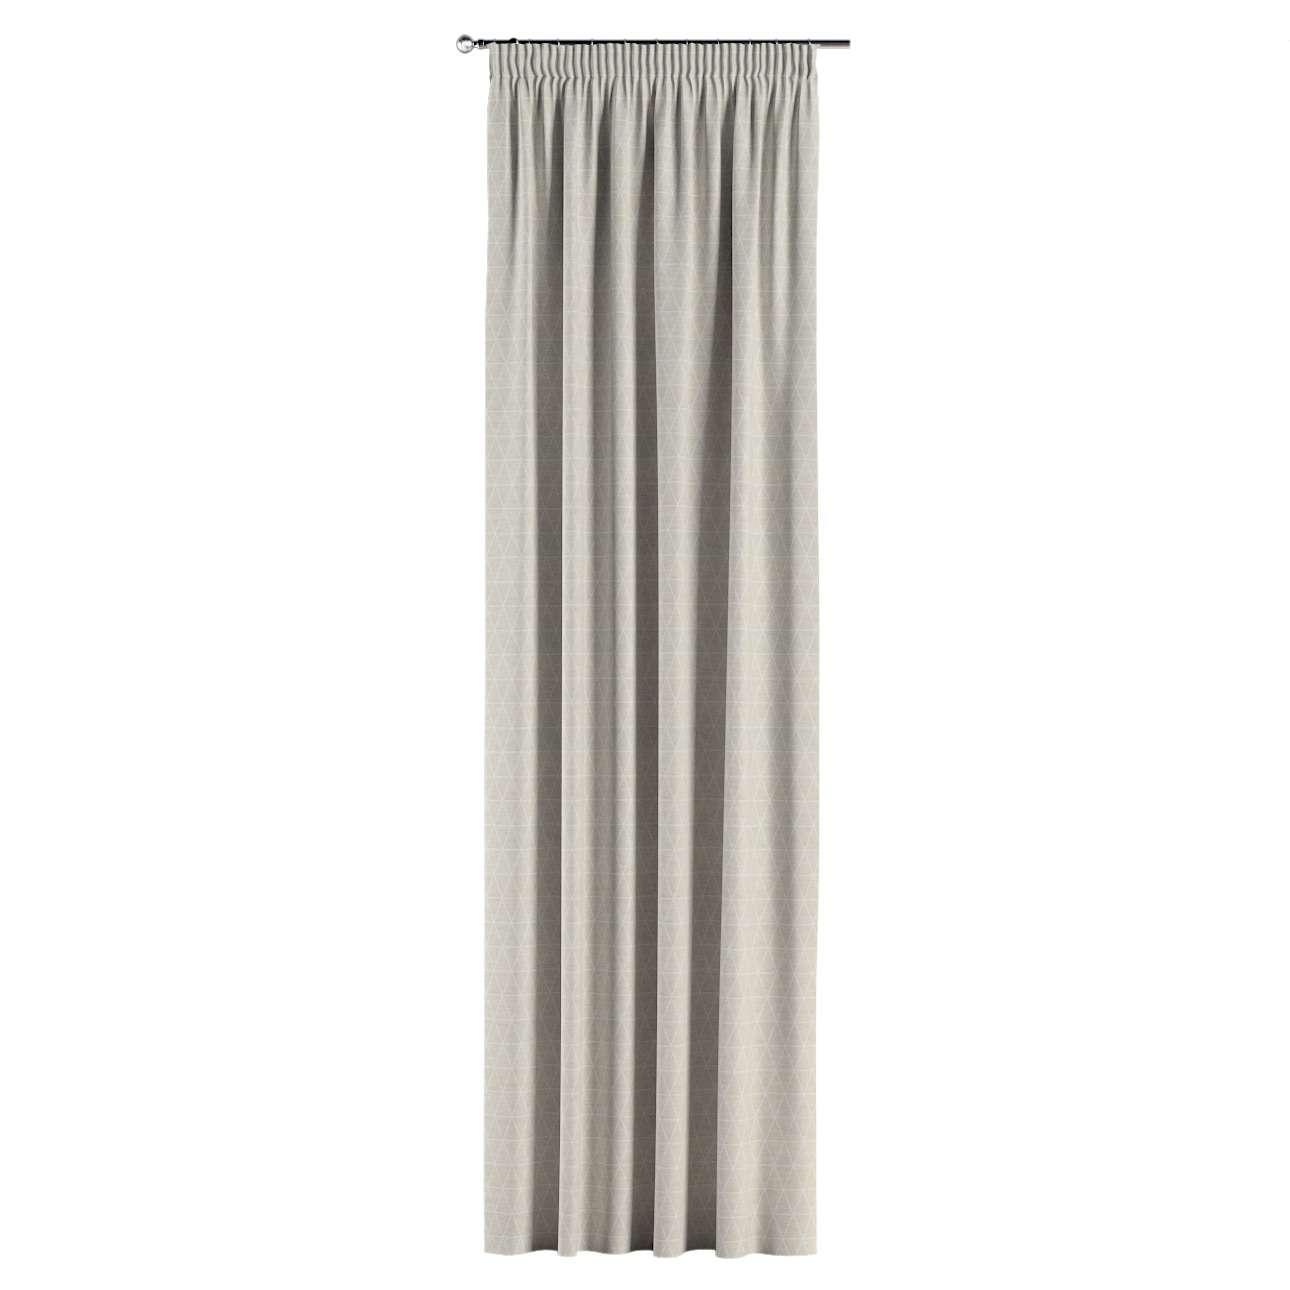 Záves na riasiacej páske V kolekcii Sunny, tkanina: 143-49